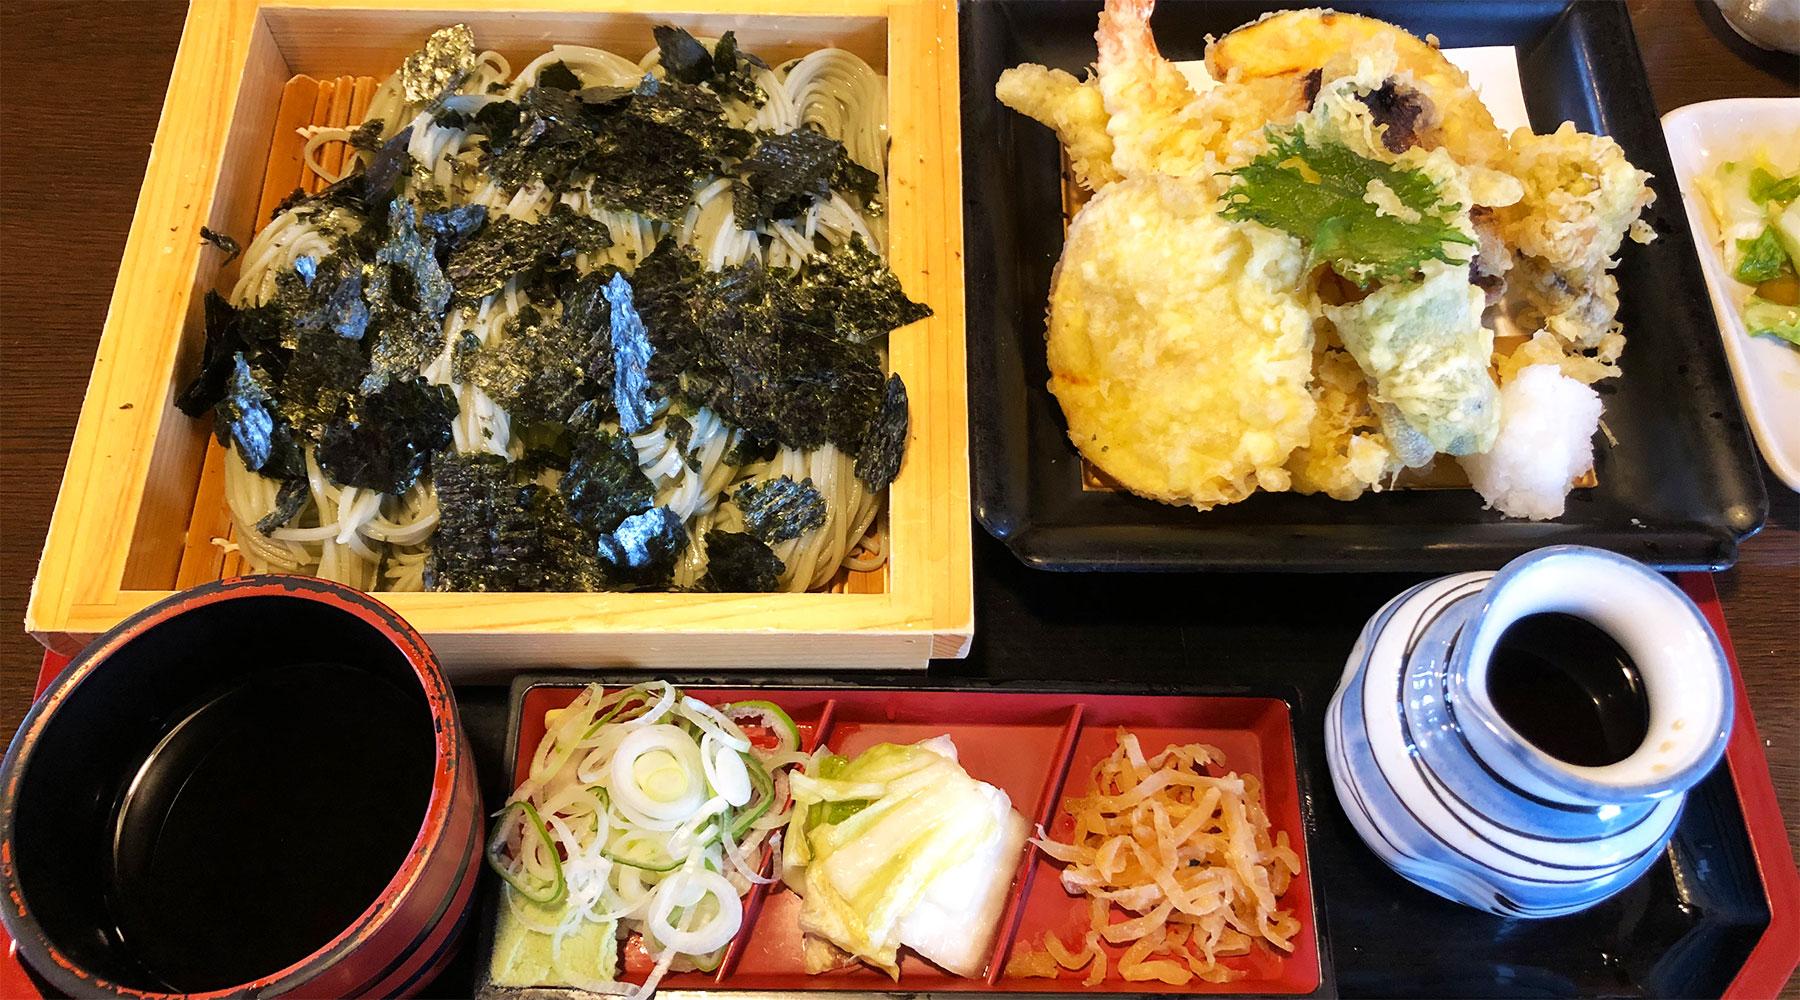 塩沢そば処田畑屋のへぎ蕎麦と天ぷら